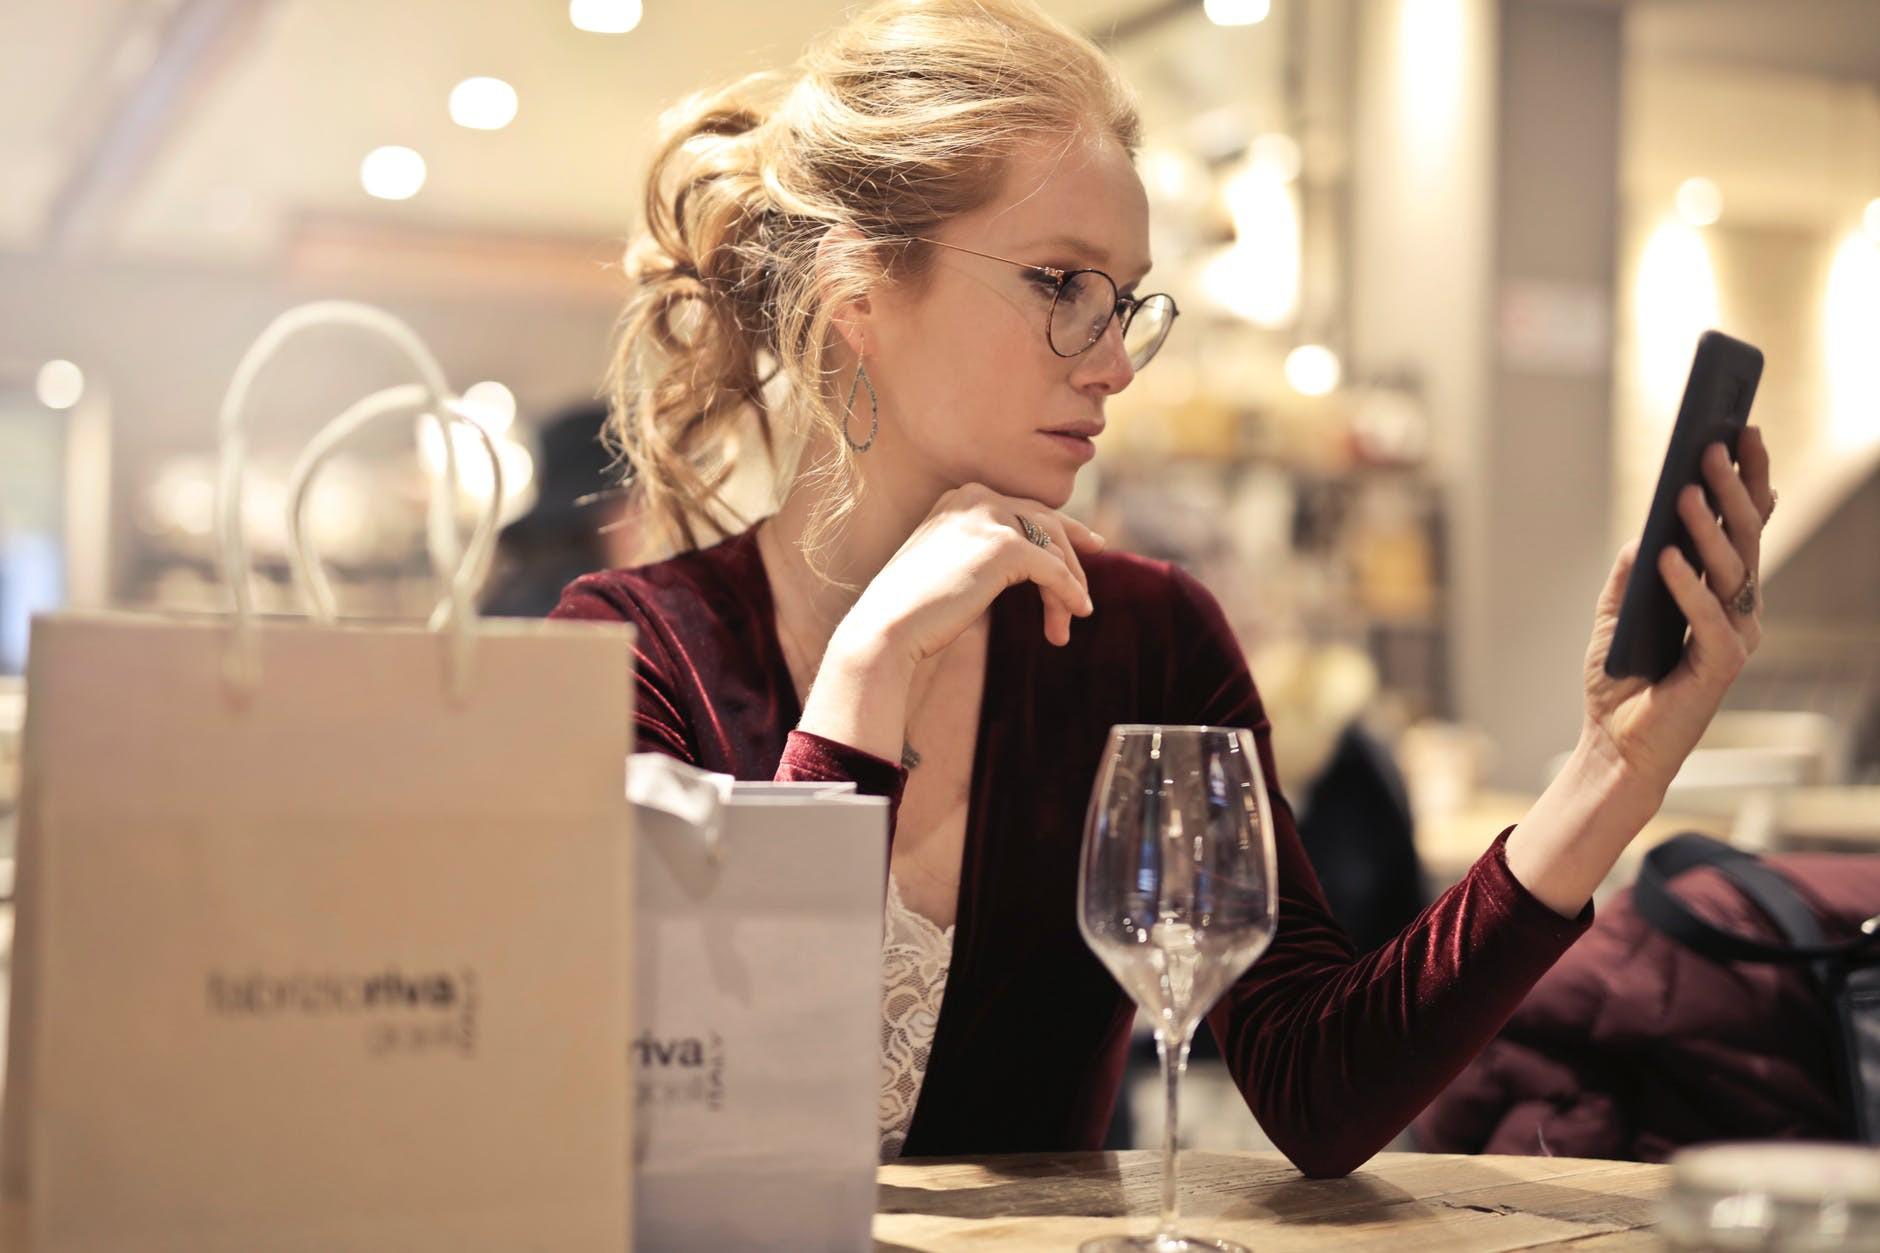 Vì sao vô các khách sạn hay nhà hàng lớn, lại có nơi không cho bạn xách bọc thức ăn thừa mang về?-4